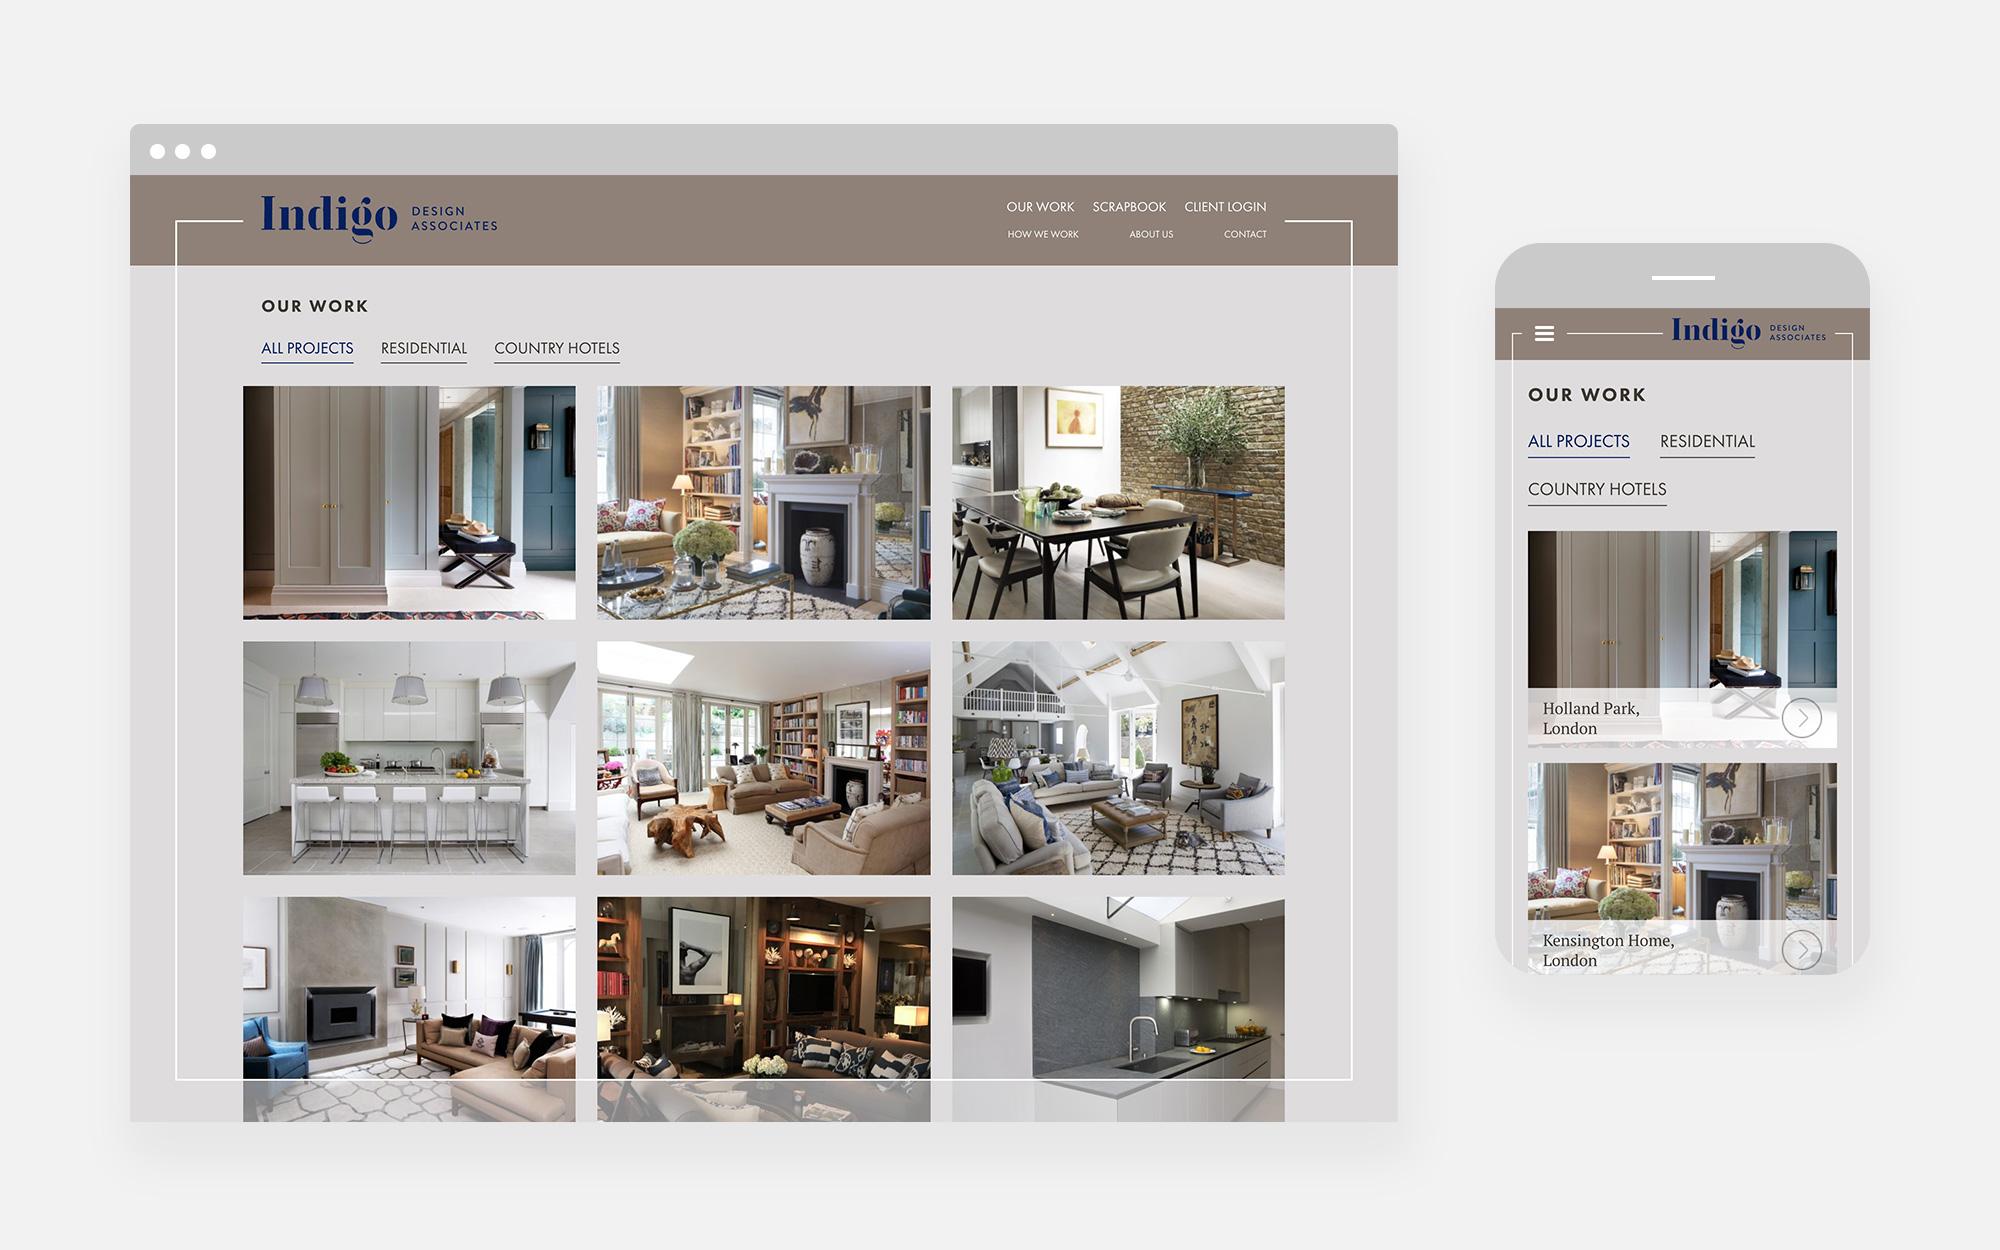 Indigo design associates website design